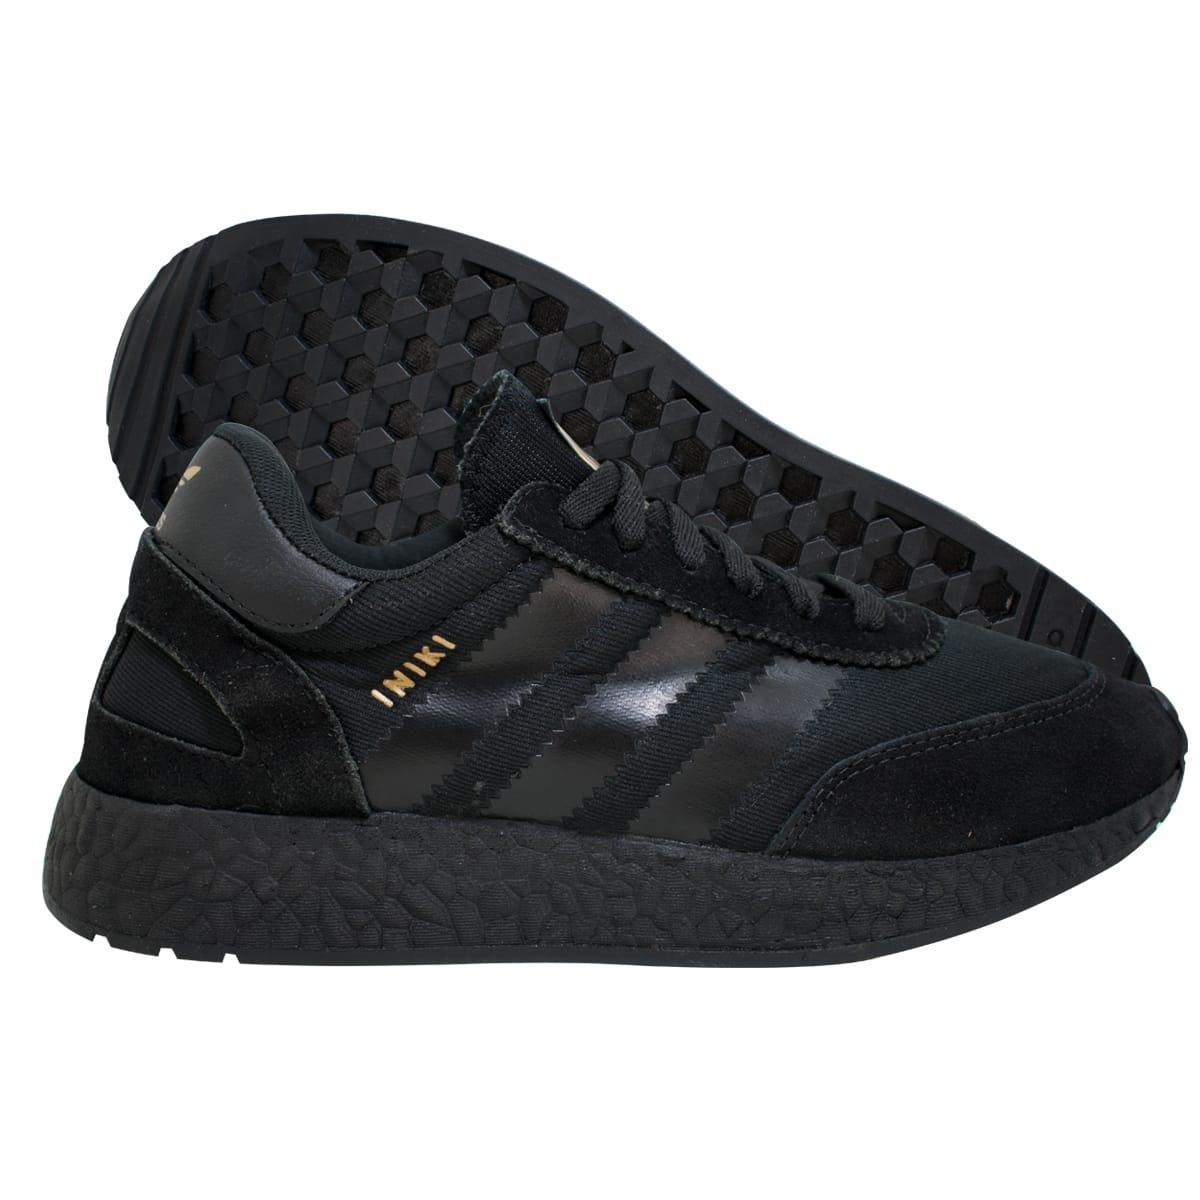 ... 9a79e6a1f991 tênis adidas iniki runner importado oferta frete grátis  prom. Carregando zoom. 42721d8a15430